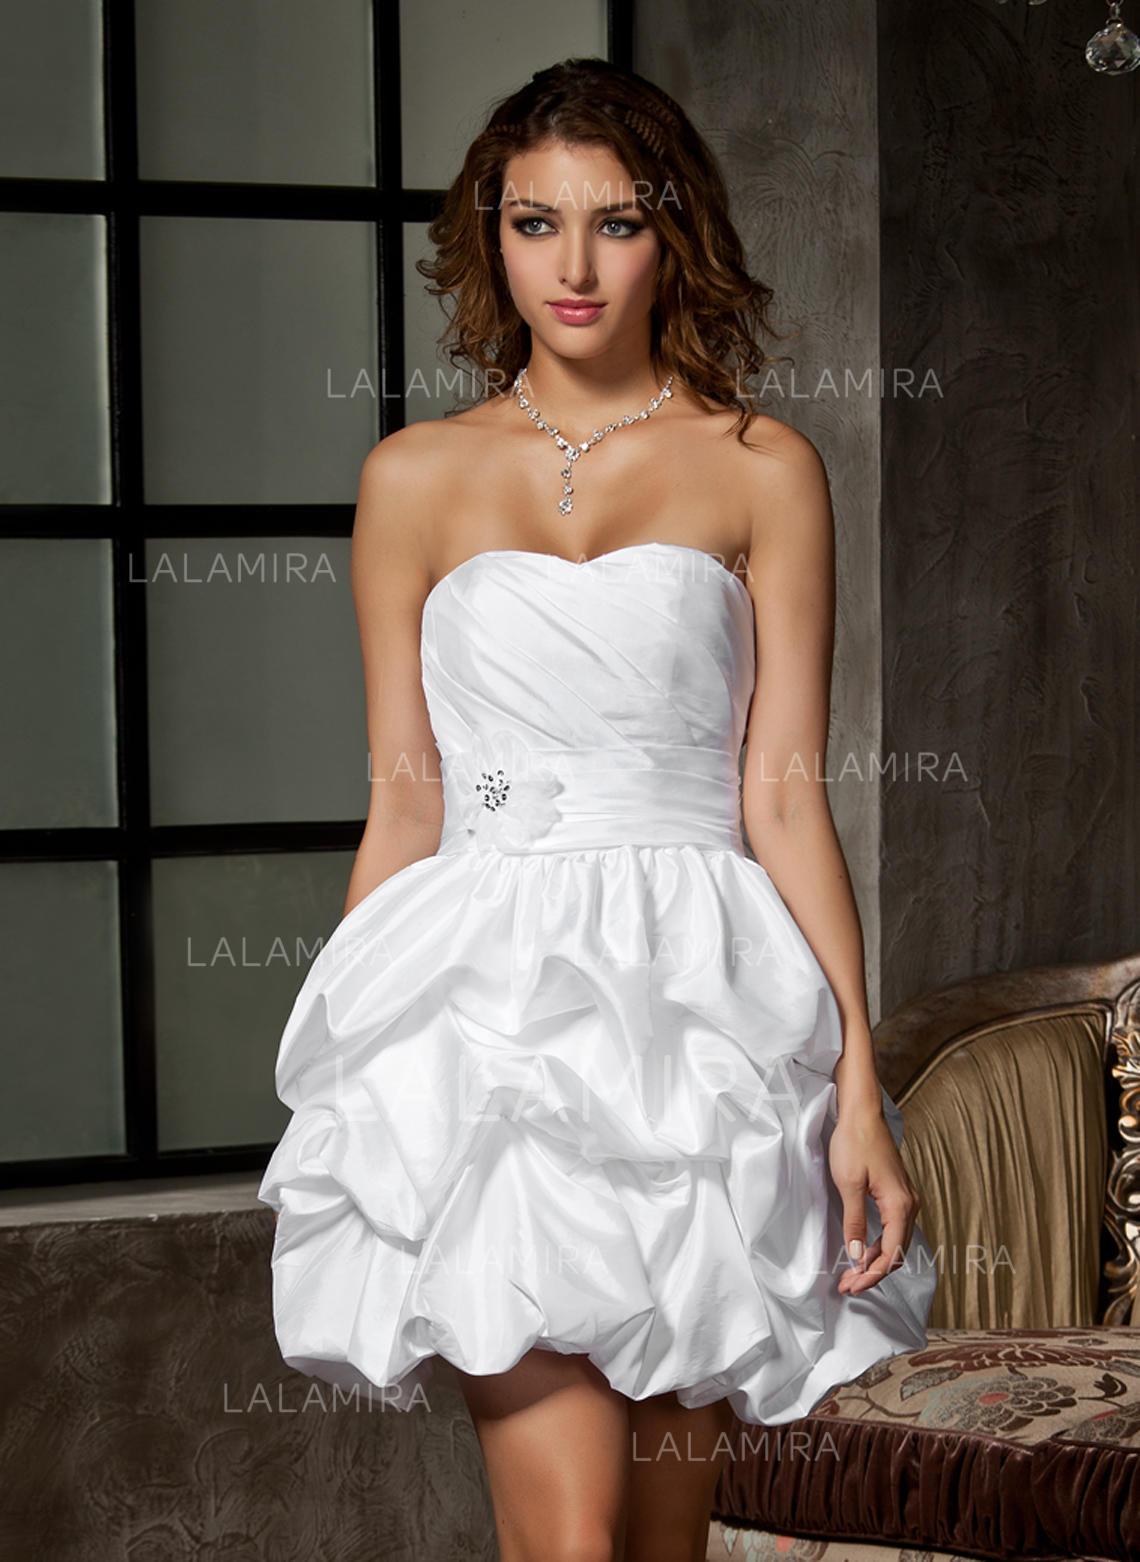 f12957c7a597 Scollo a cuore A-Line Principessa Abiti da sposa Taffettà Increspature  Perline Fiori Senza. Loading zoom